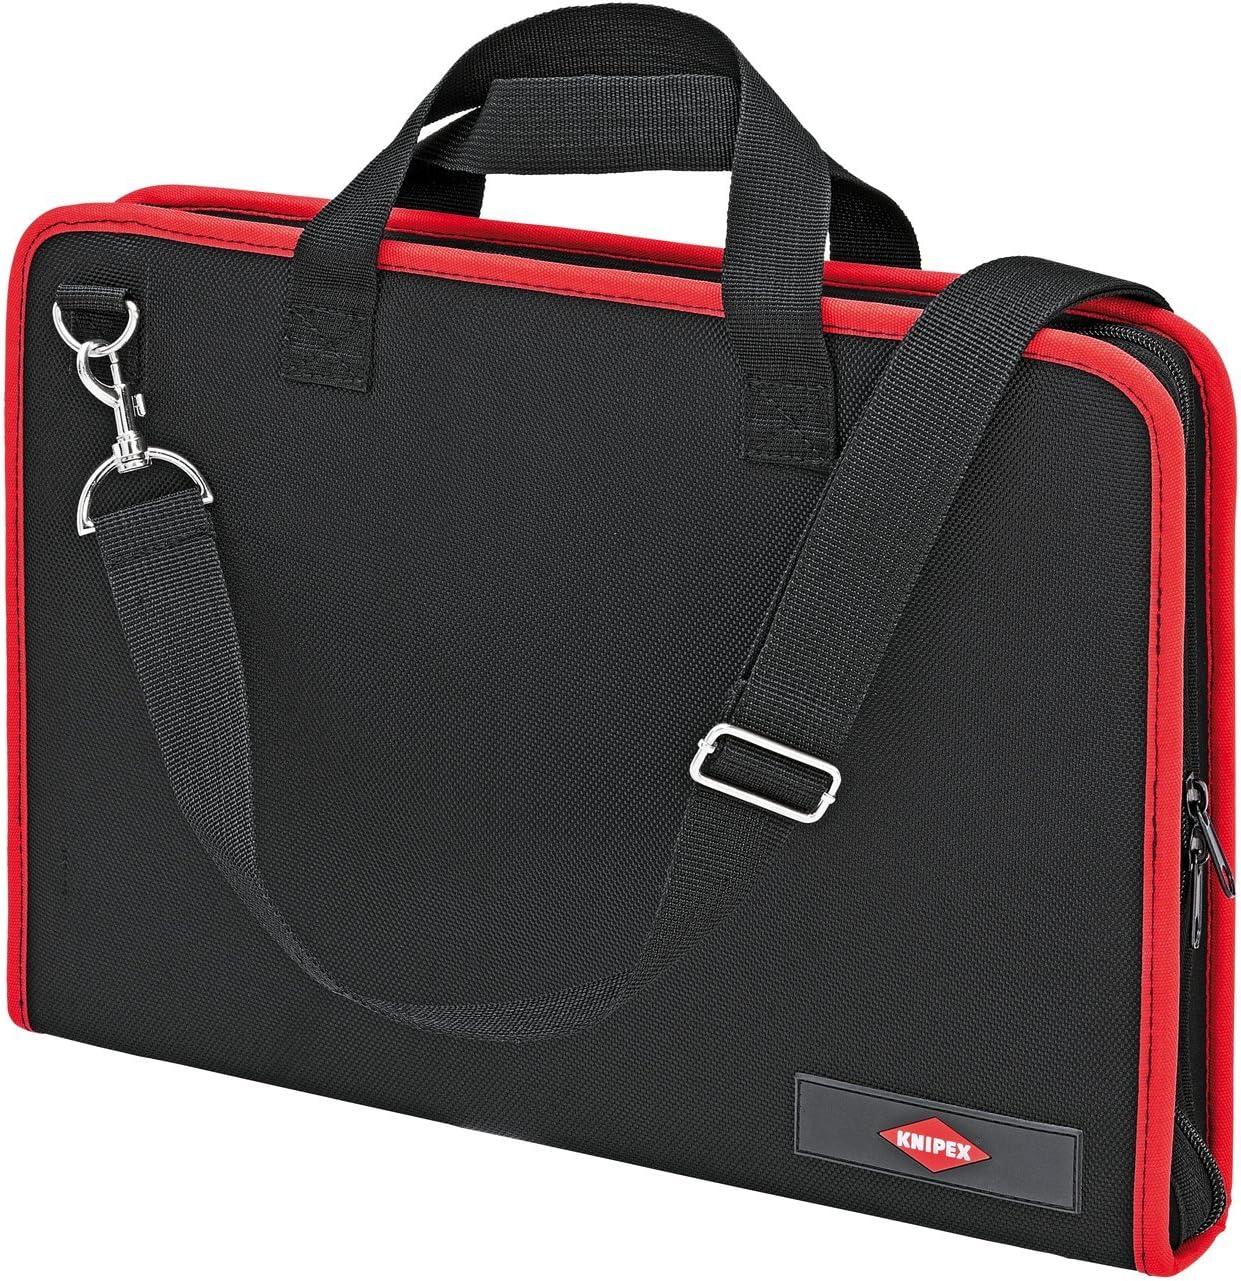 KNIPEX 00 21 11 LE Tool Bag empty